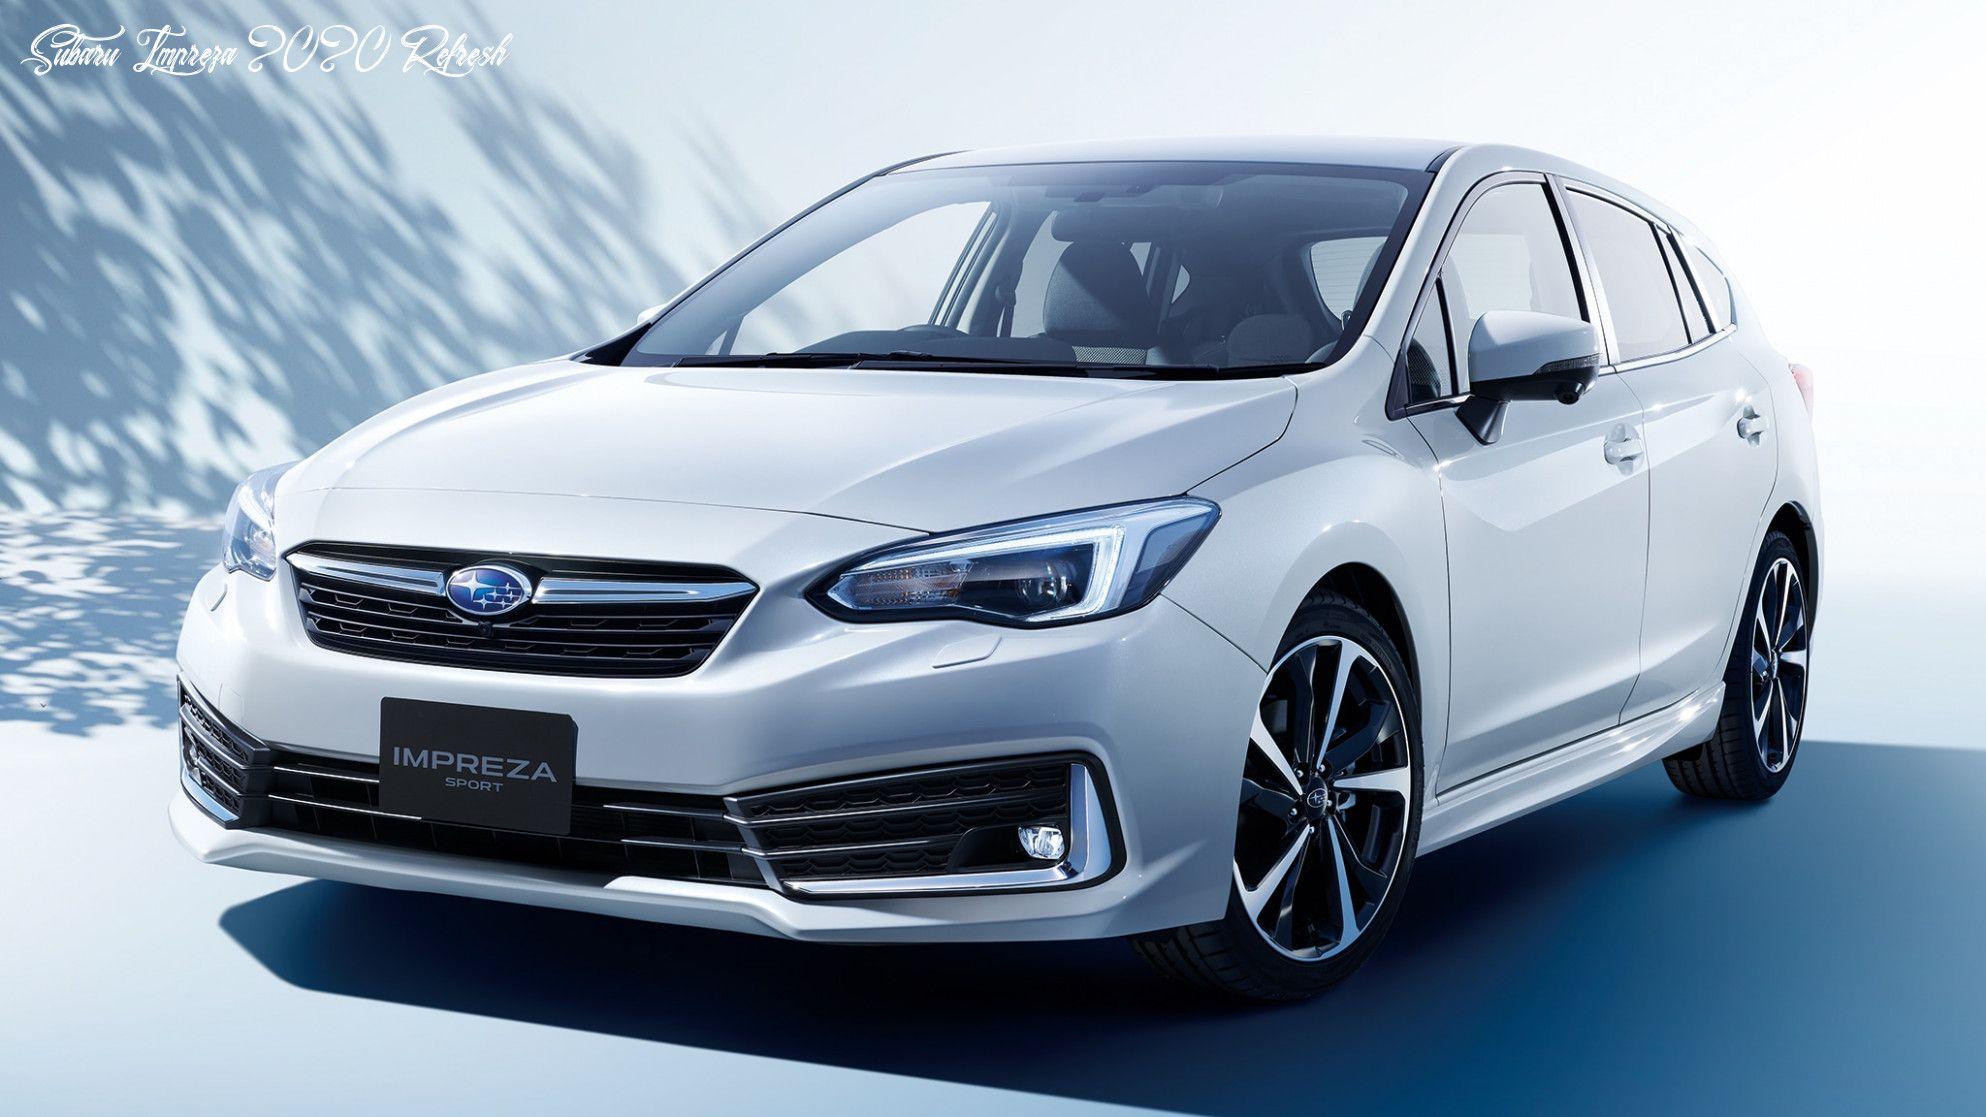 Subaru Impreza 2020 Refresh New Review In 2020 Subaru Impreza Impreza Subaru